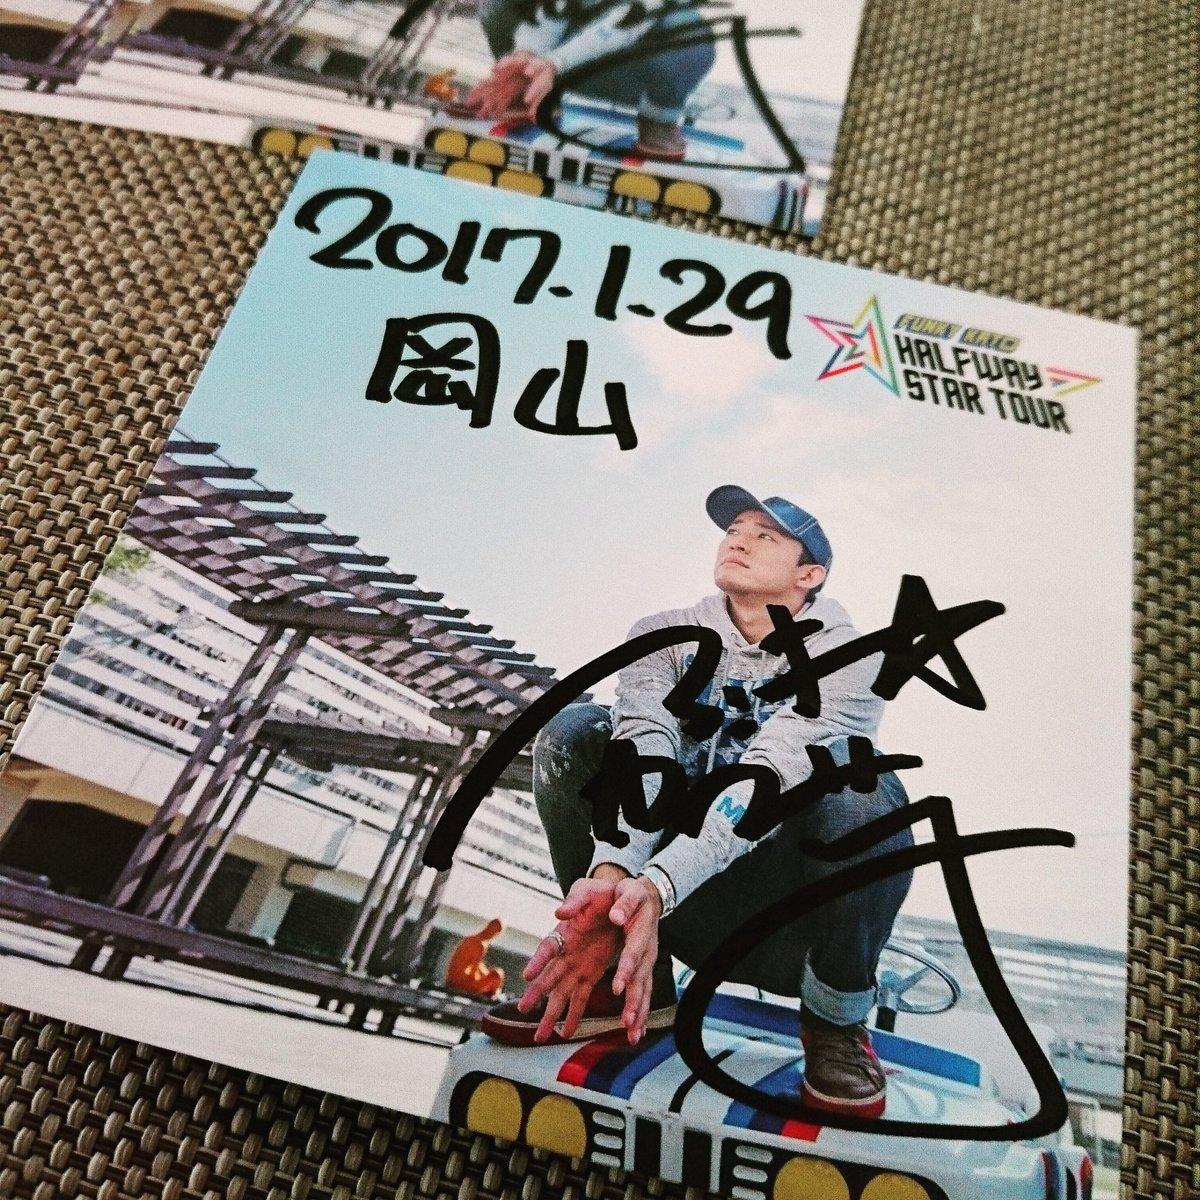 というわけで、明日は岡山県・倉敷市民会館でライブです。17時30分開演。当日券あり、とのことです。ご…